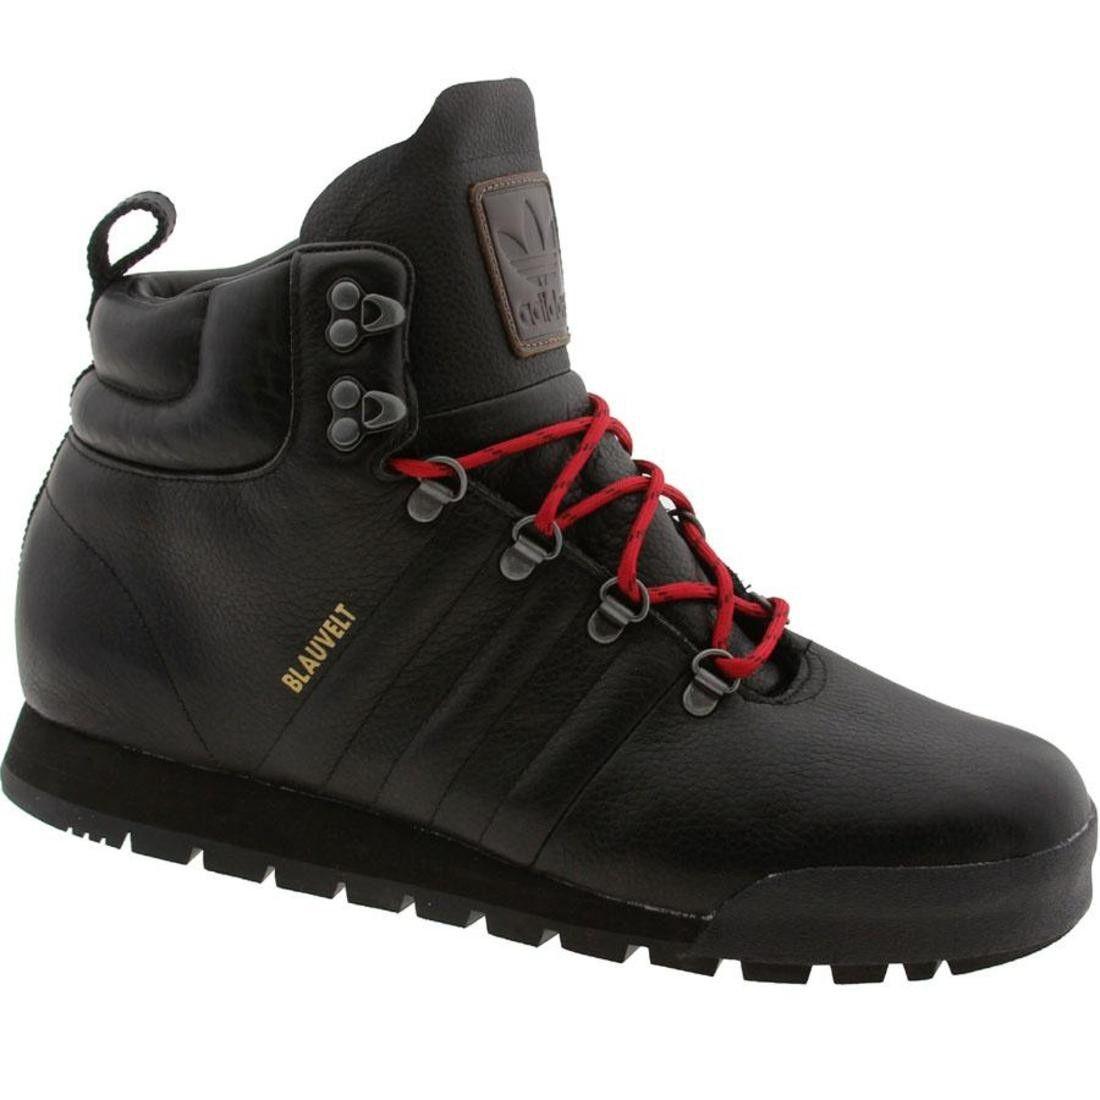 Adidas con jake blauvelt boot (nero / rosso le università)